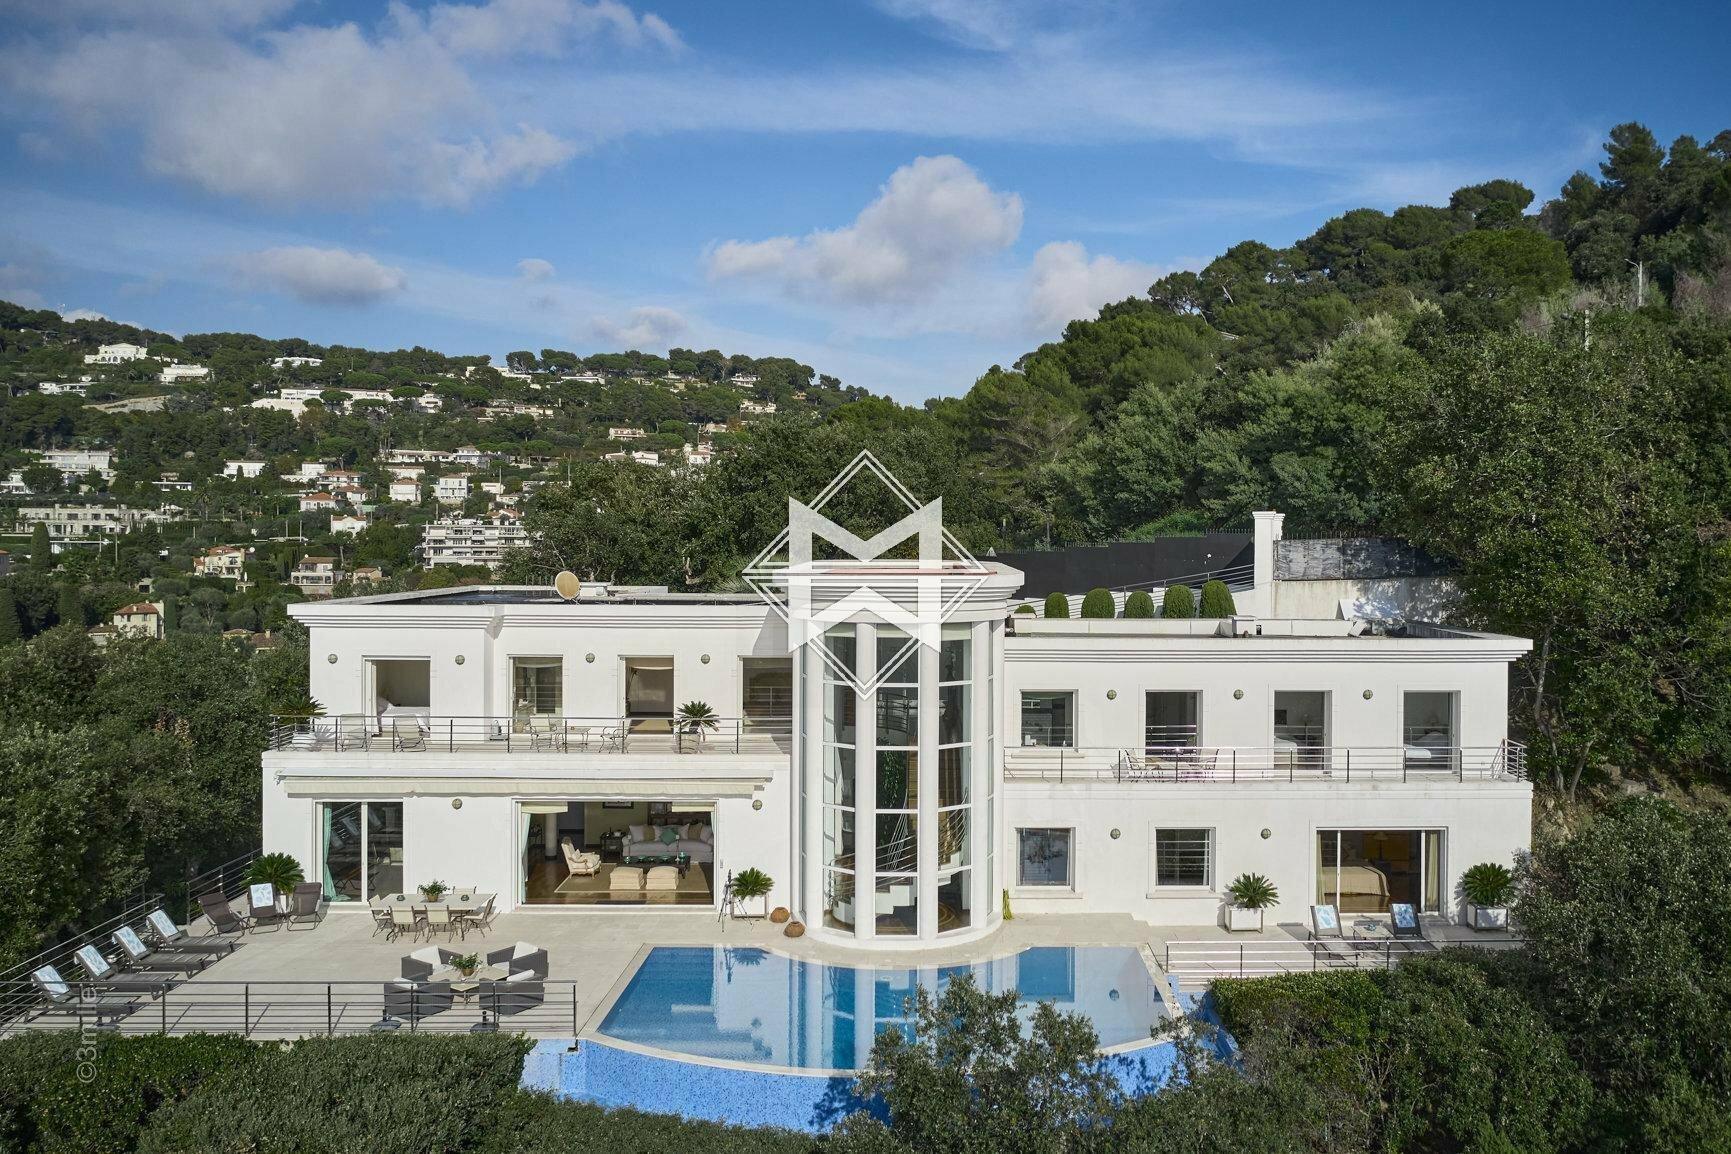 Villa in Cannes, Provence-Alpes-Côte d'Azur, France 1 - 11508200